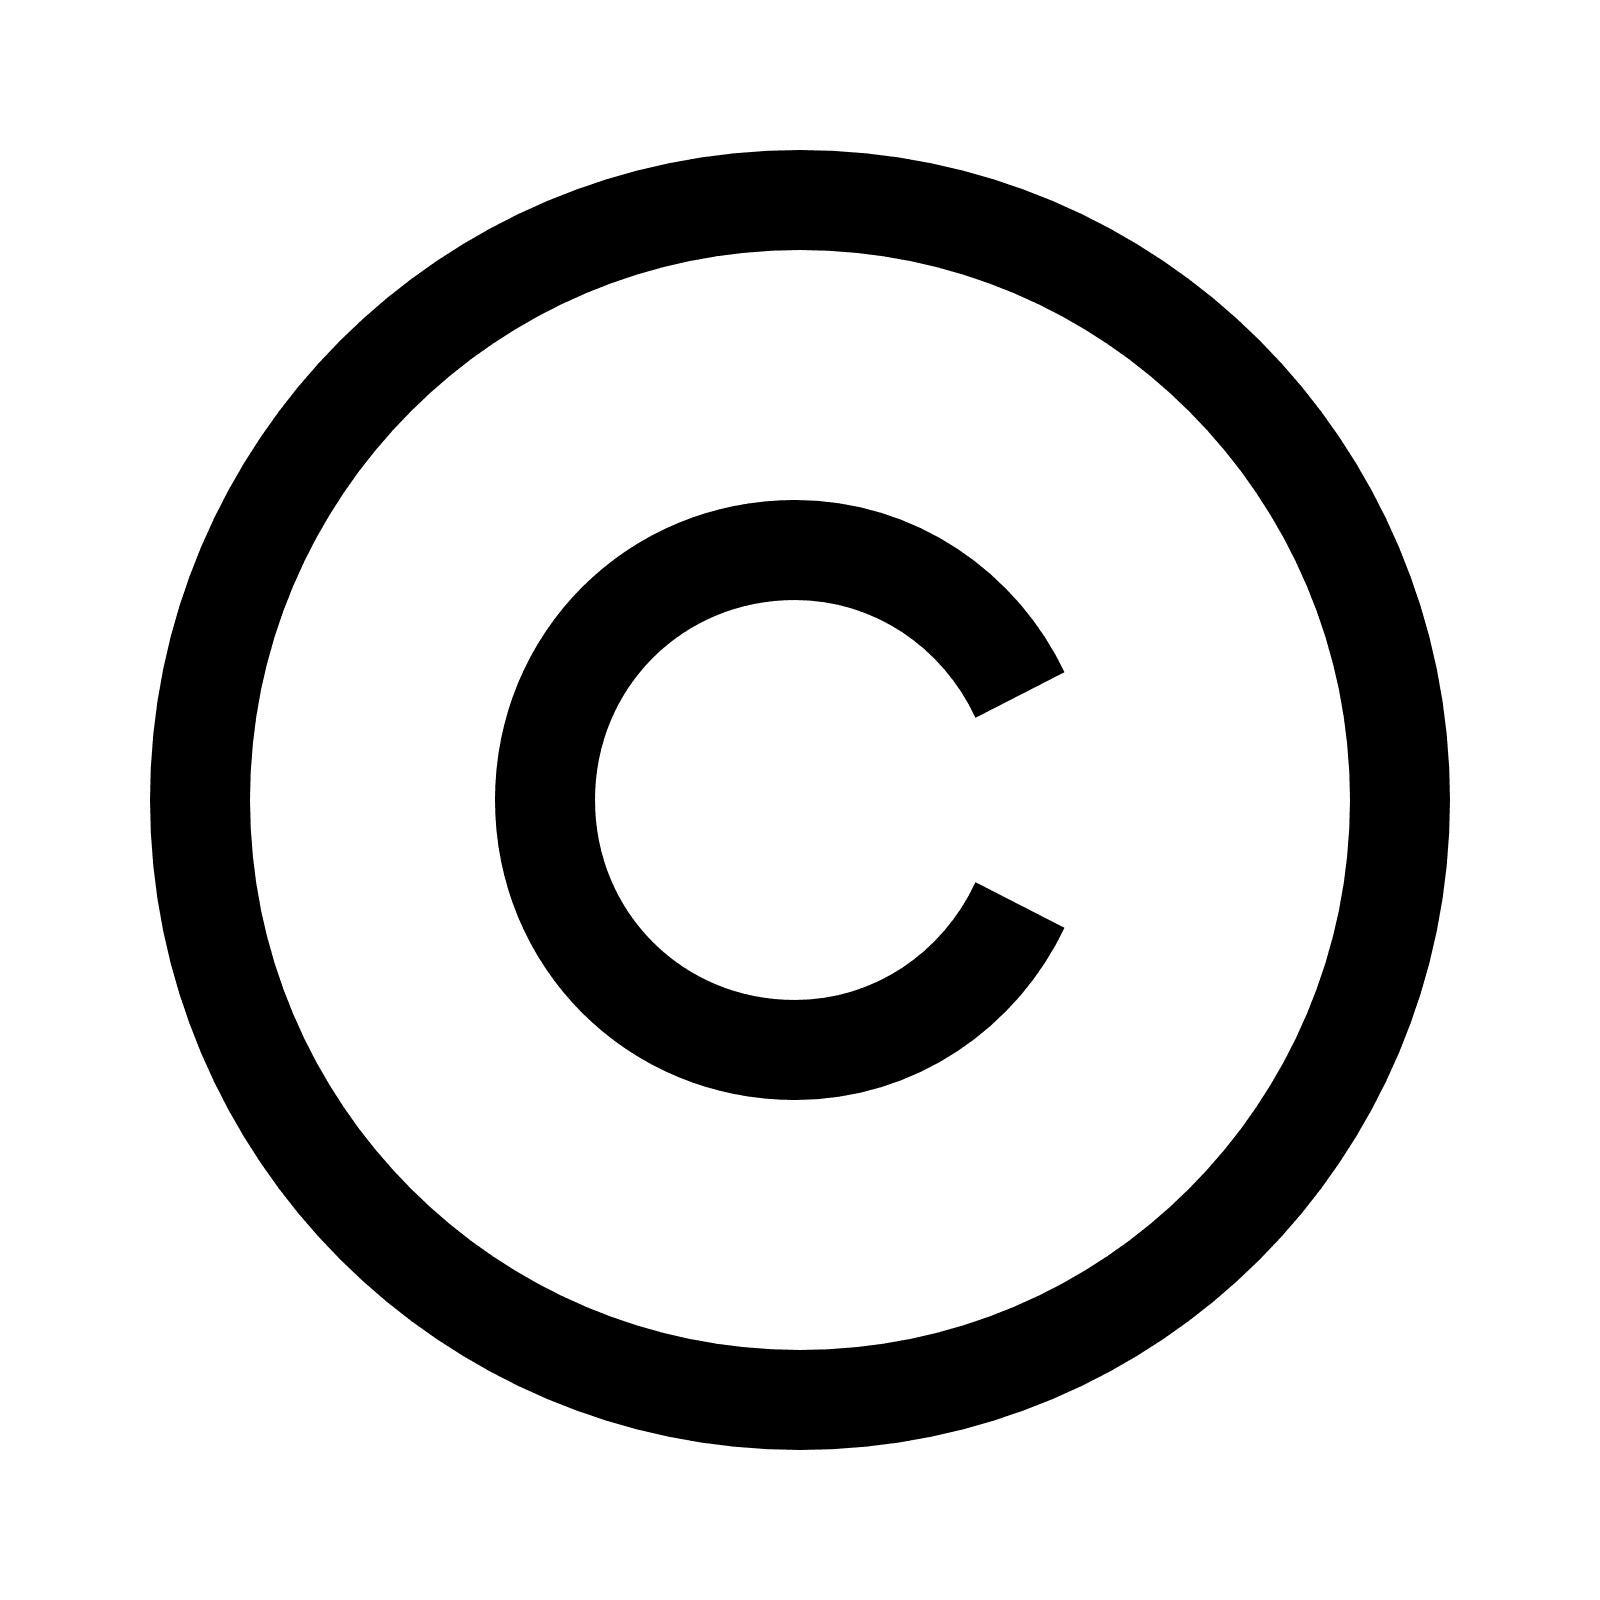 174 im225genes y gifs animados 174 iconos de copyright